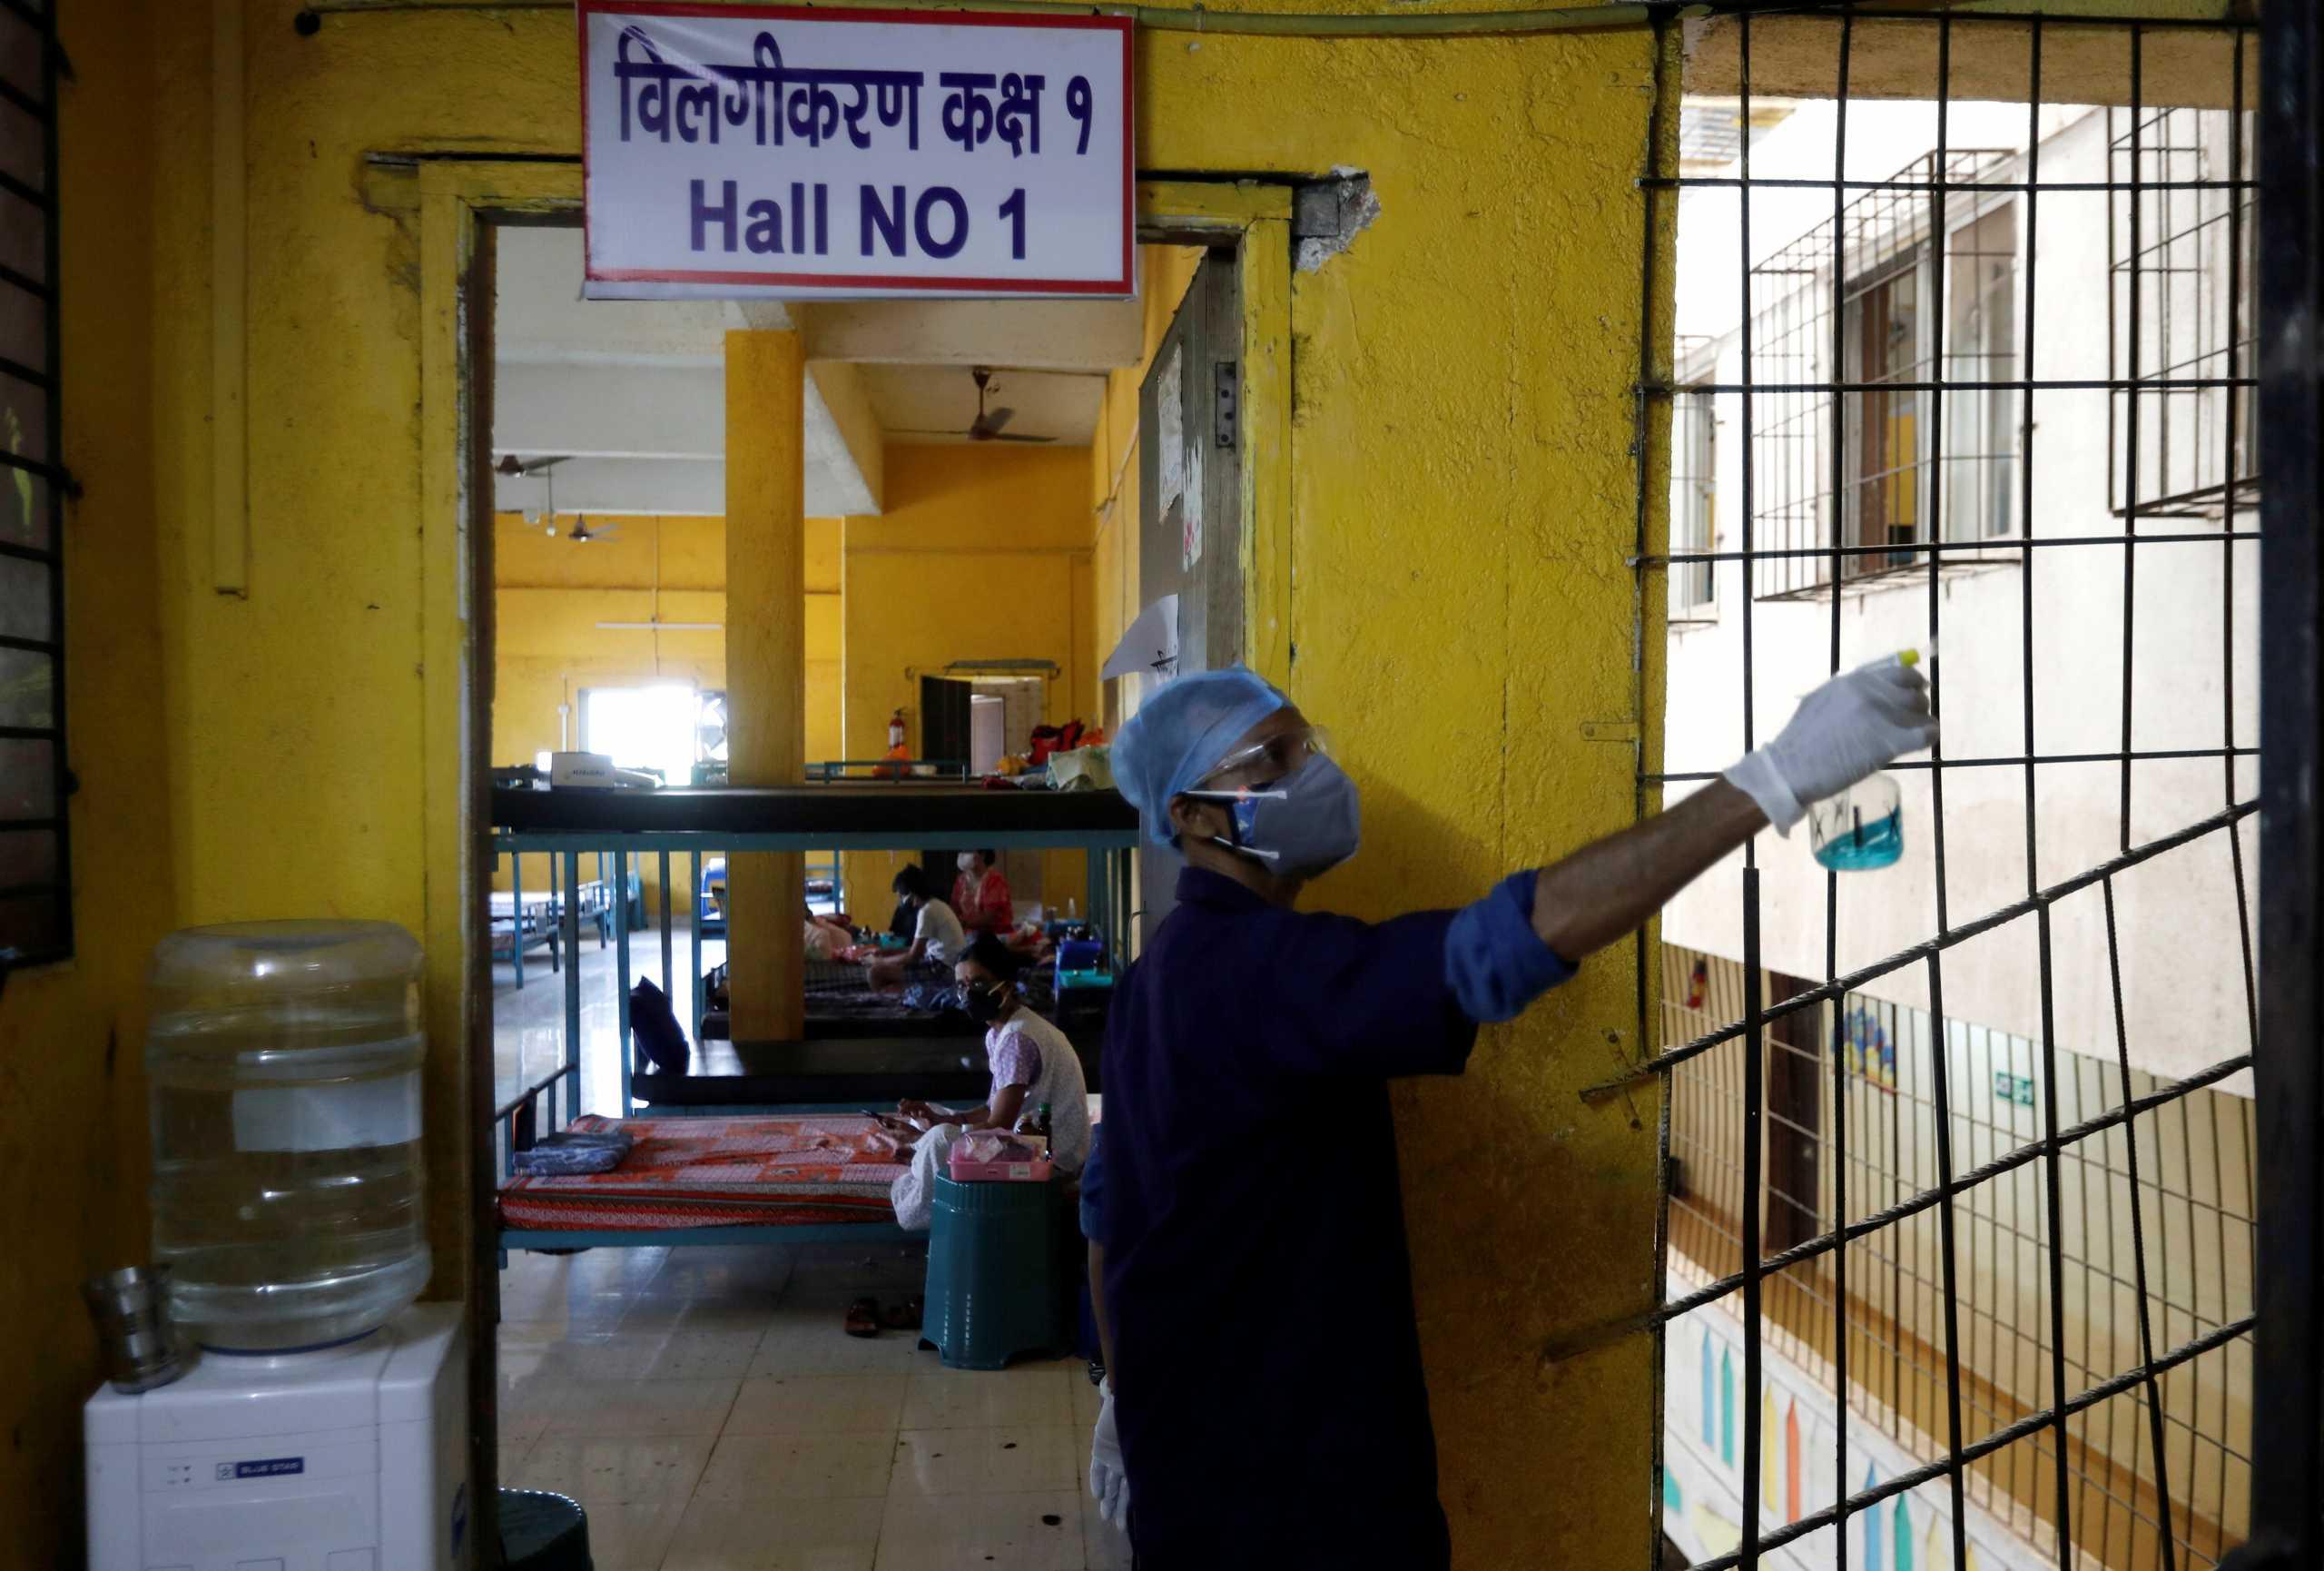 Ο κορονοϊός «ισοπεδώνει» την Ινδία: Πάνω από 27 εκατομμύρια τα κρούσματα